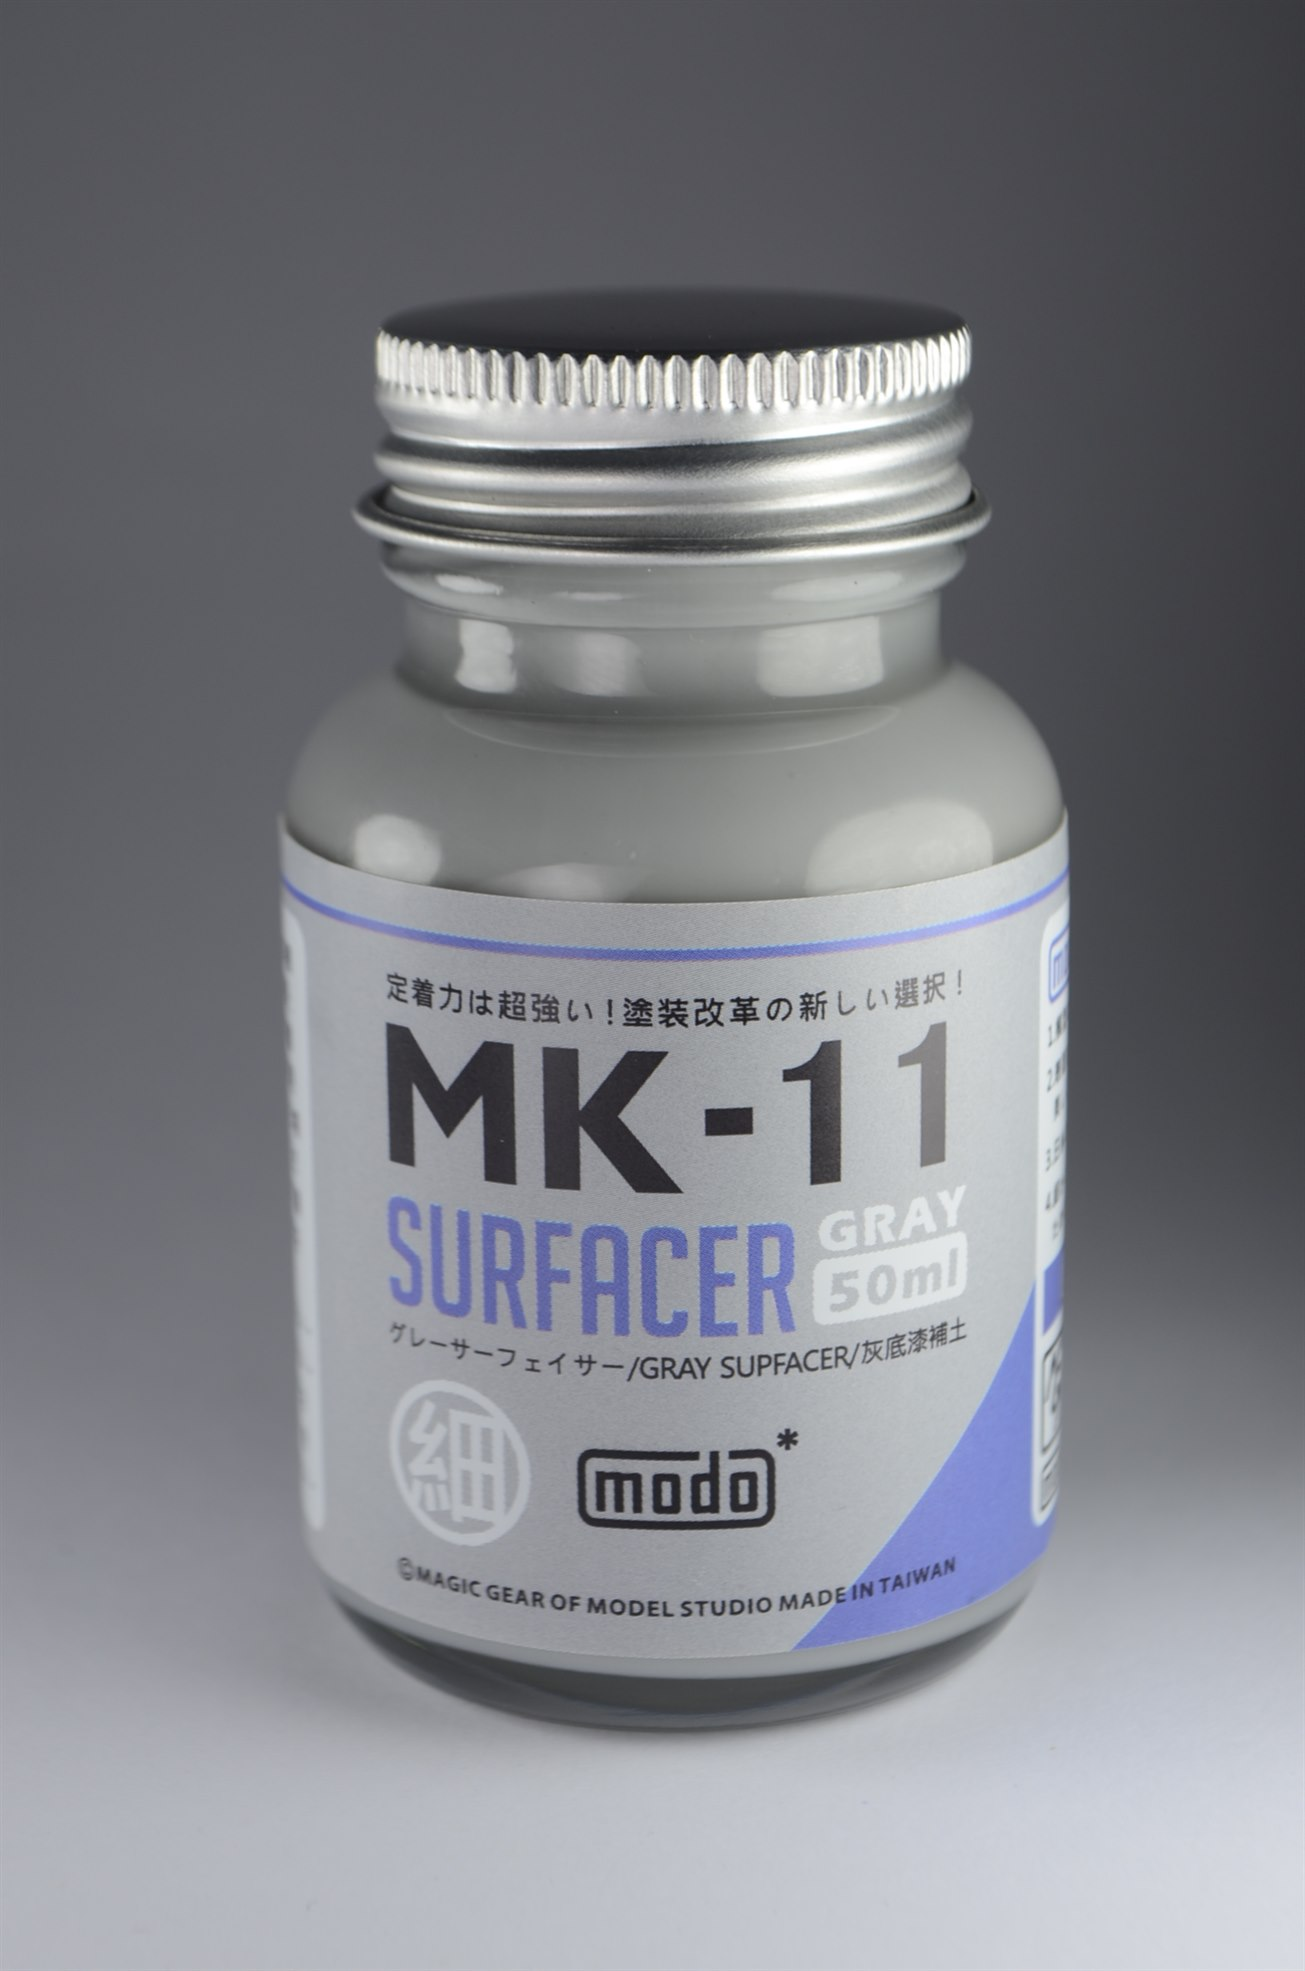 MODO MK-11 Surfacer (Grey) 50ML